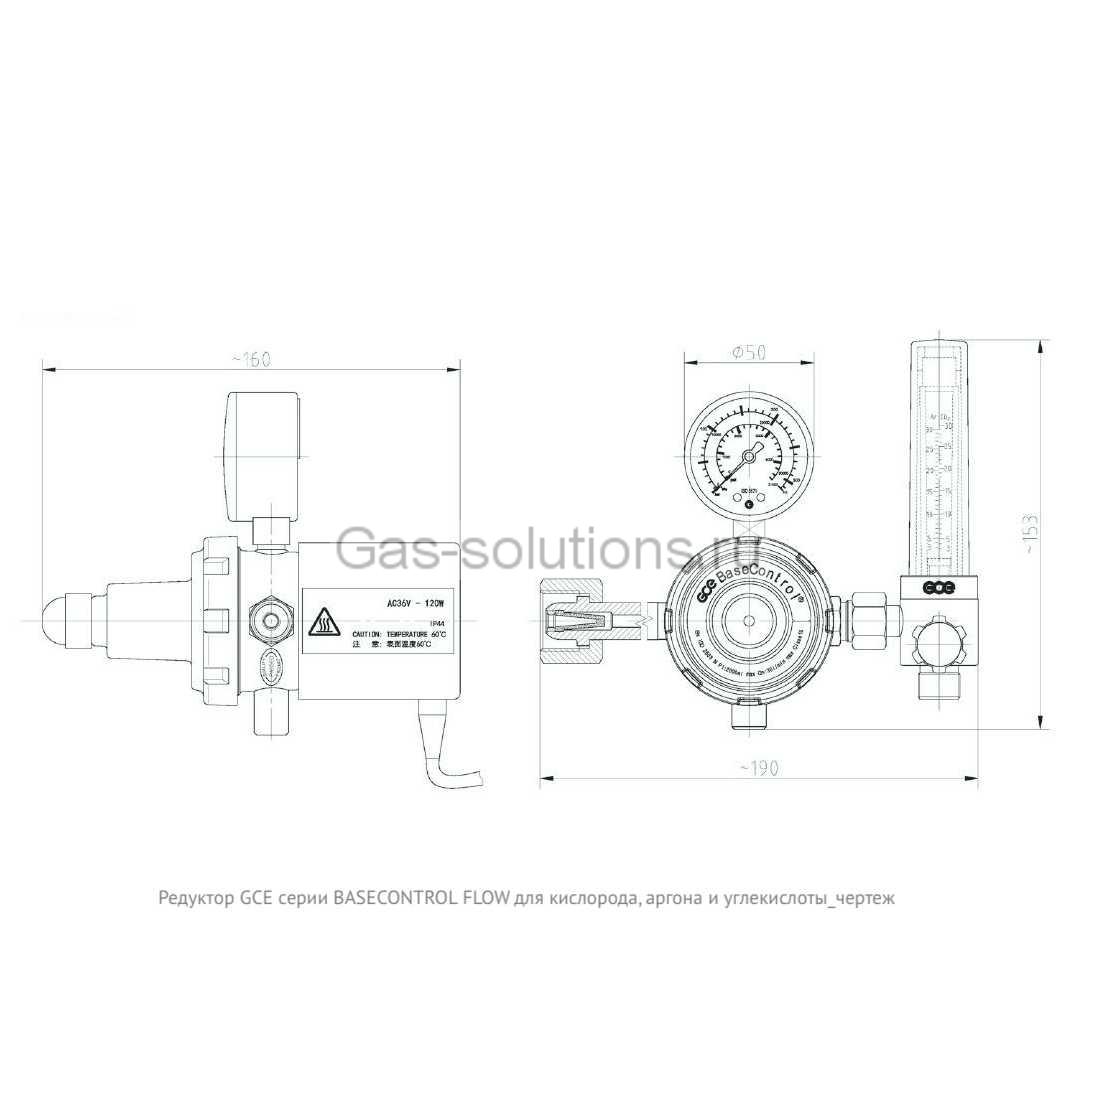 Редуктор GCE серии BASECONTROL FLOW для кислорода, аргона и углекислоты_чертеж